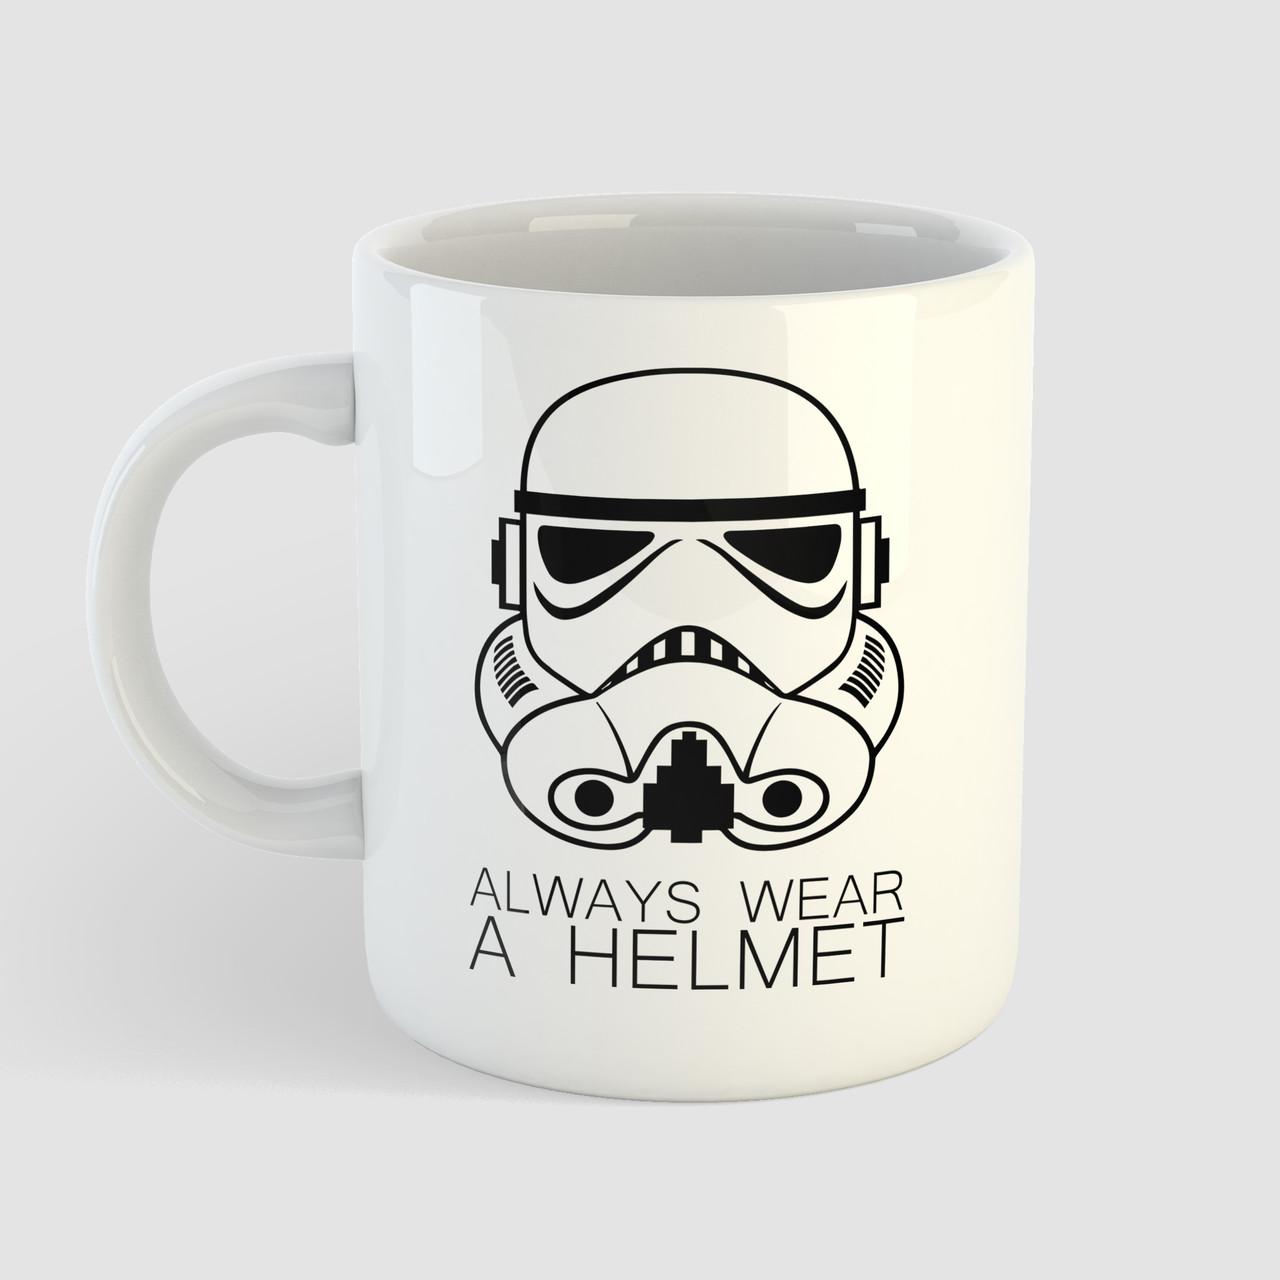 Кружка с принтом Star Wars. Штурмовик. Чашка с фото